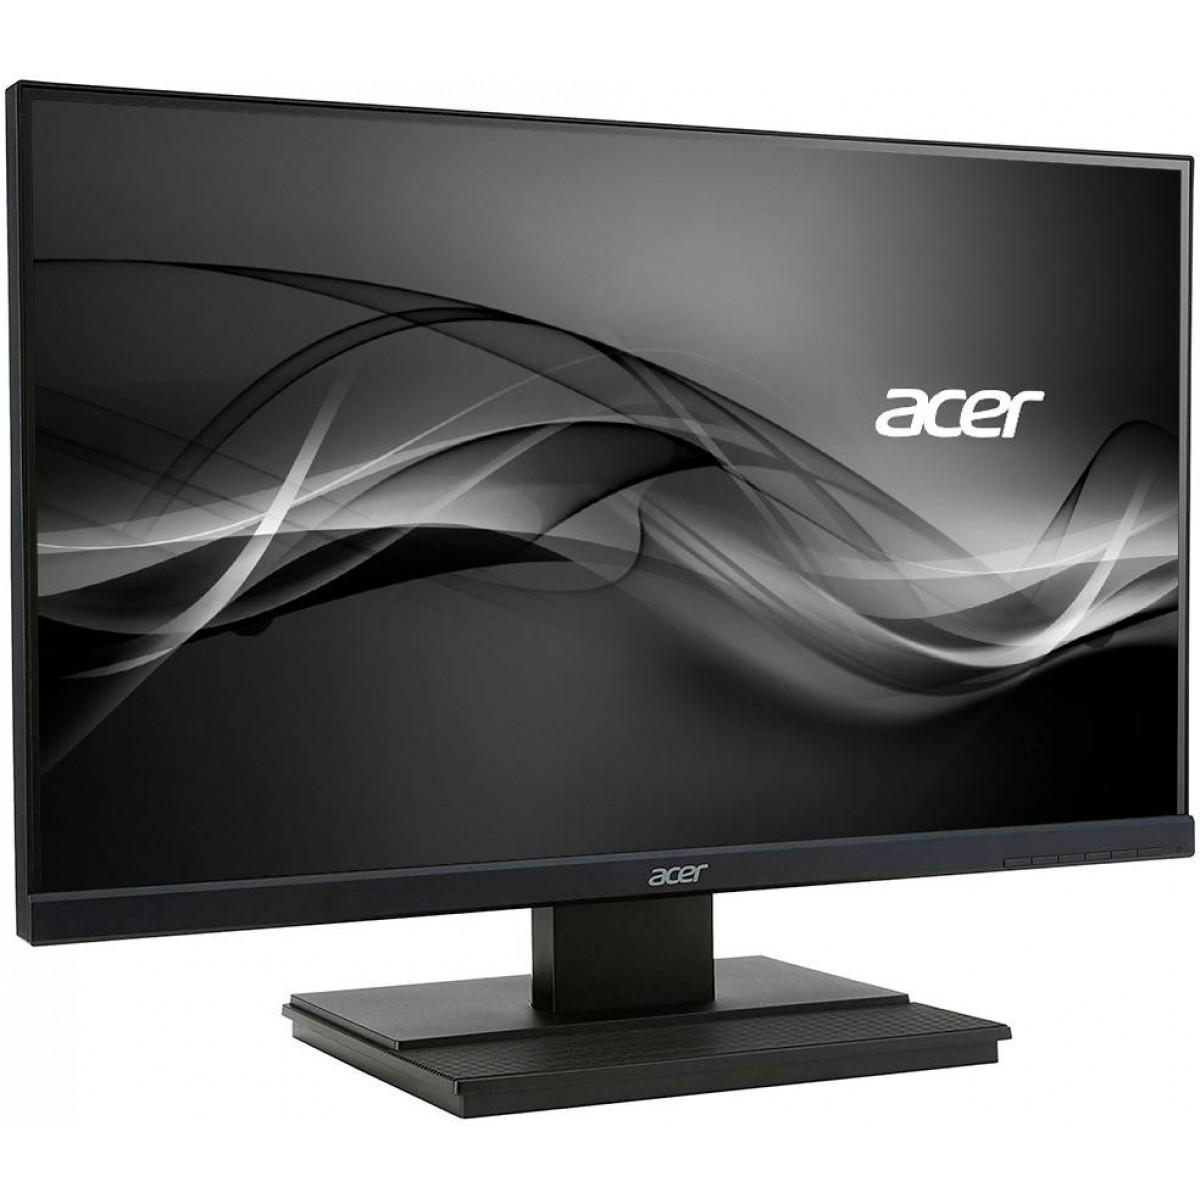 Monitor Acer V276HL 27 Pol, Full HD, HDMI, UM.HV6AA.C06